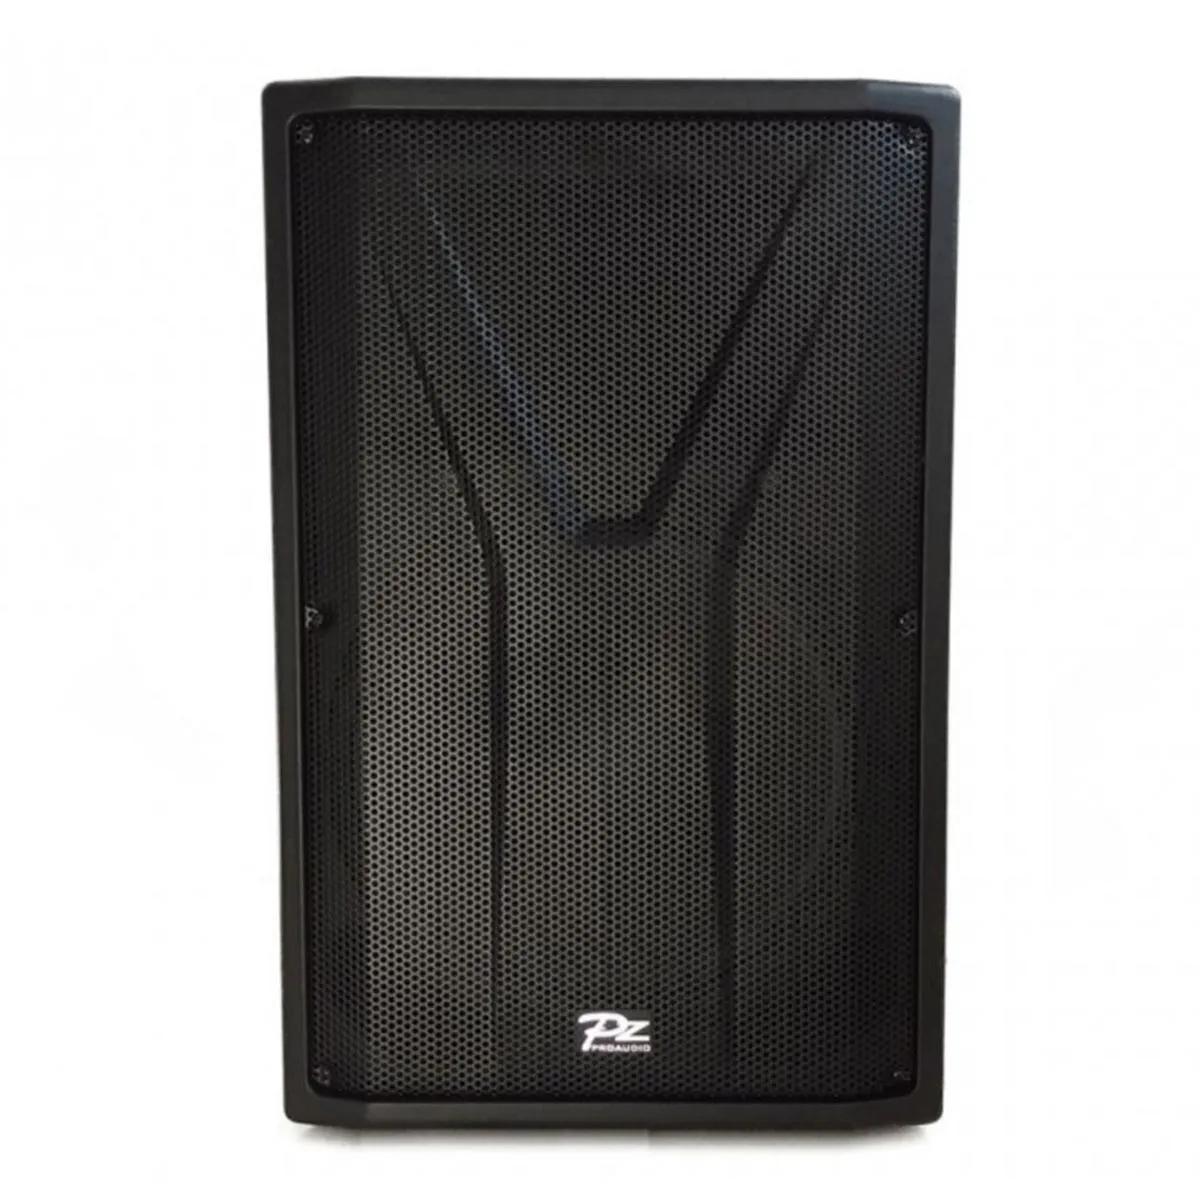 Caixa Acústica Ativa PZ ProAudio Yac10a 1x10 200W